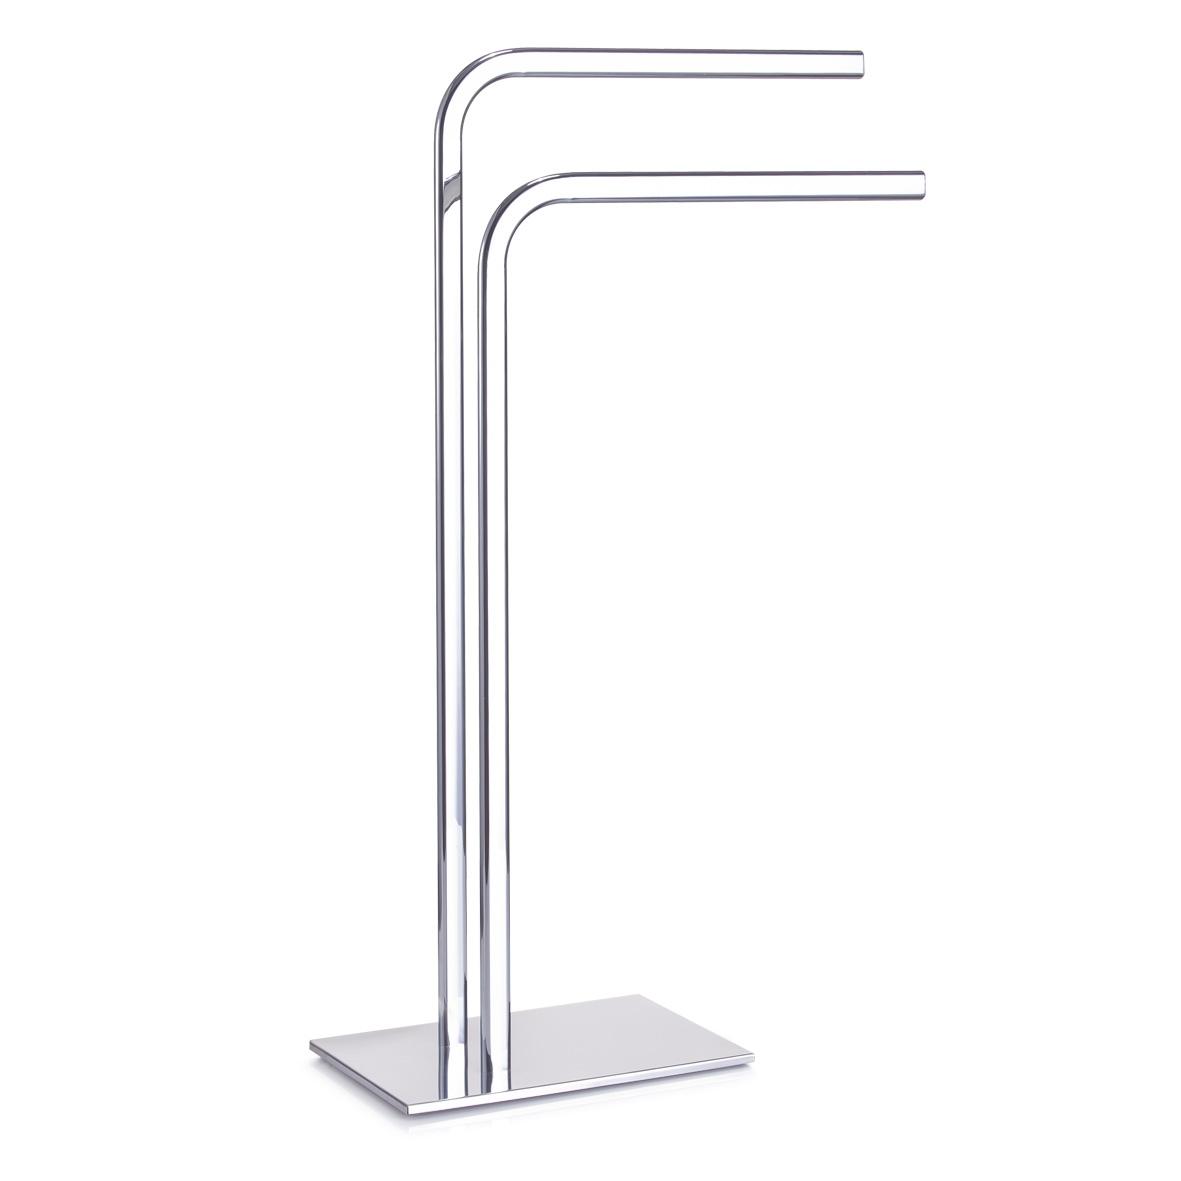 Suport pentru prosoape de baie, Metal Cromat, l48,5xA20xH80,5 cm